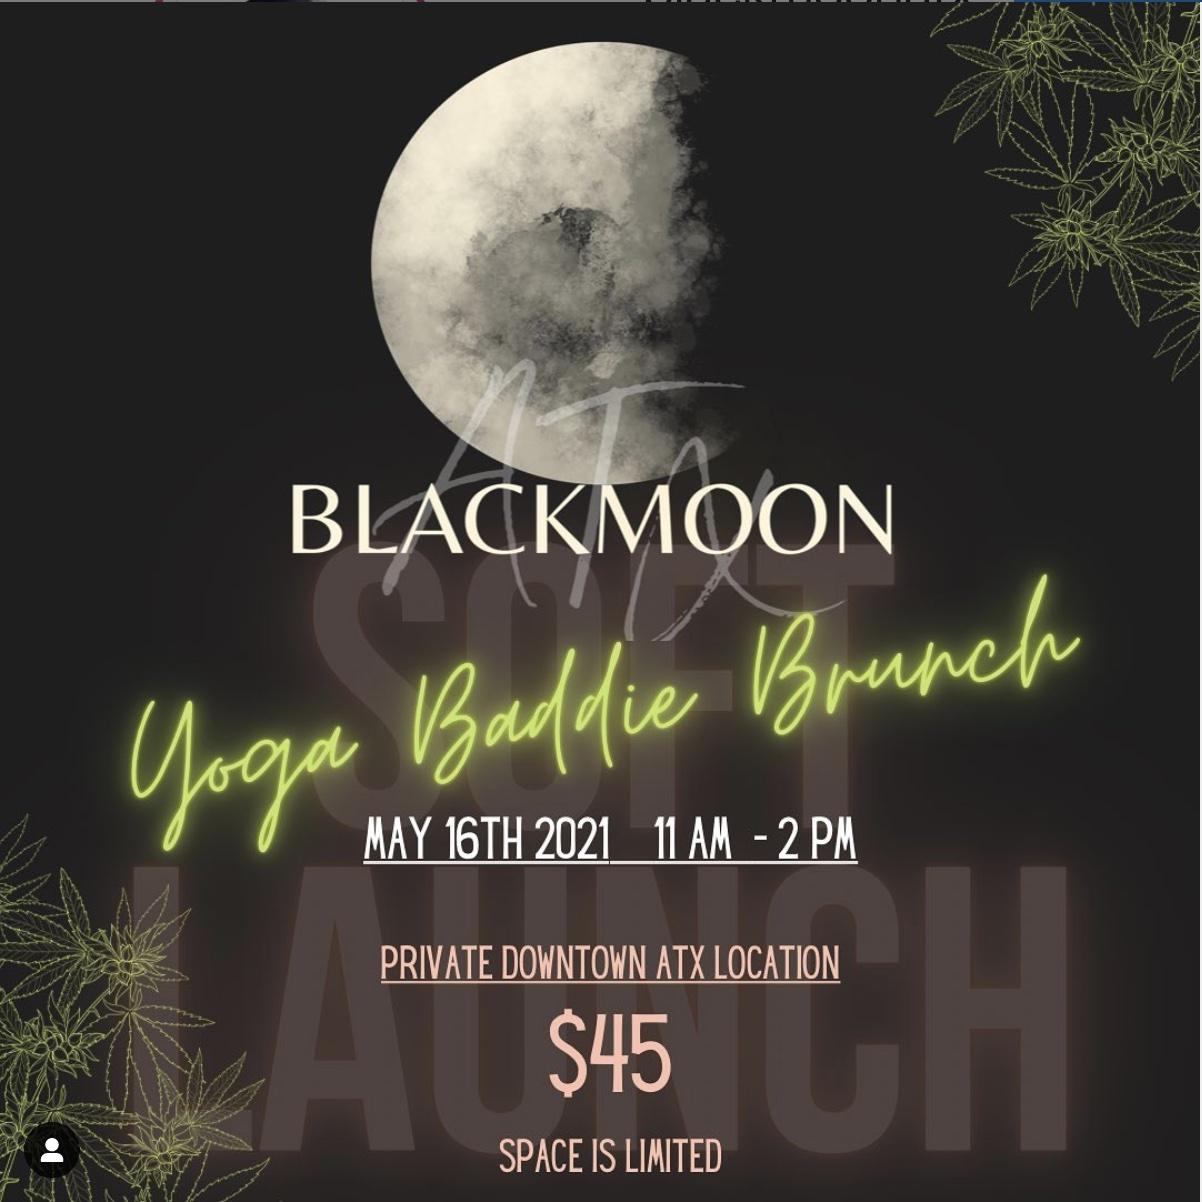 Black Moon ATX Yoga Baddie Brunch